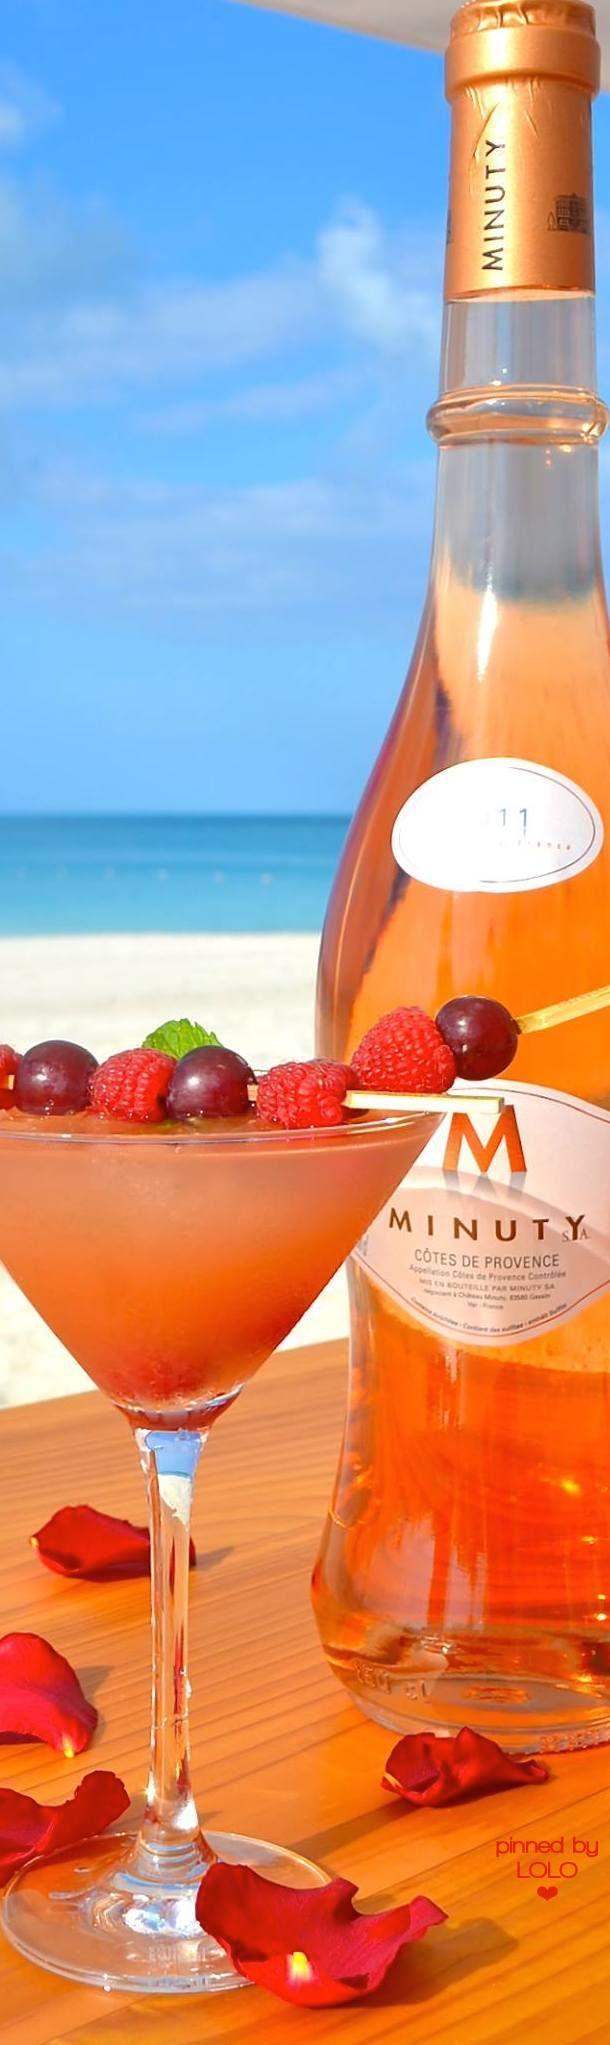 Grace Bay Club, Turks & Caicos Beach Cocktails | LOLO❤